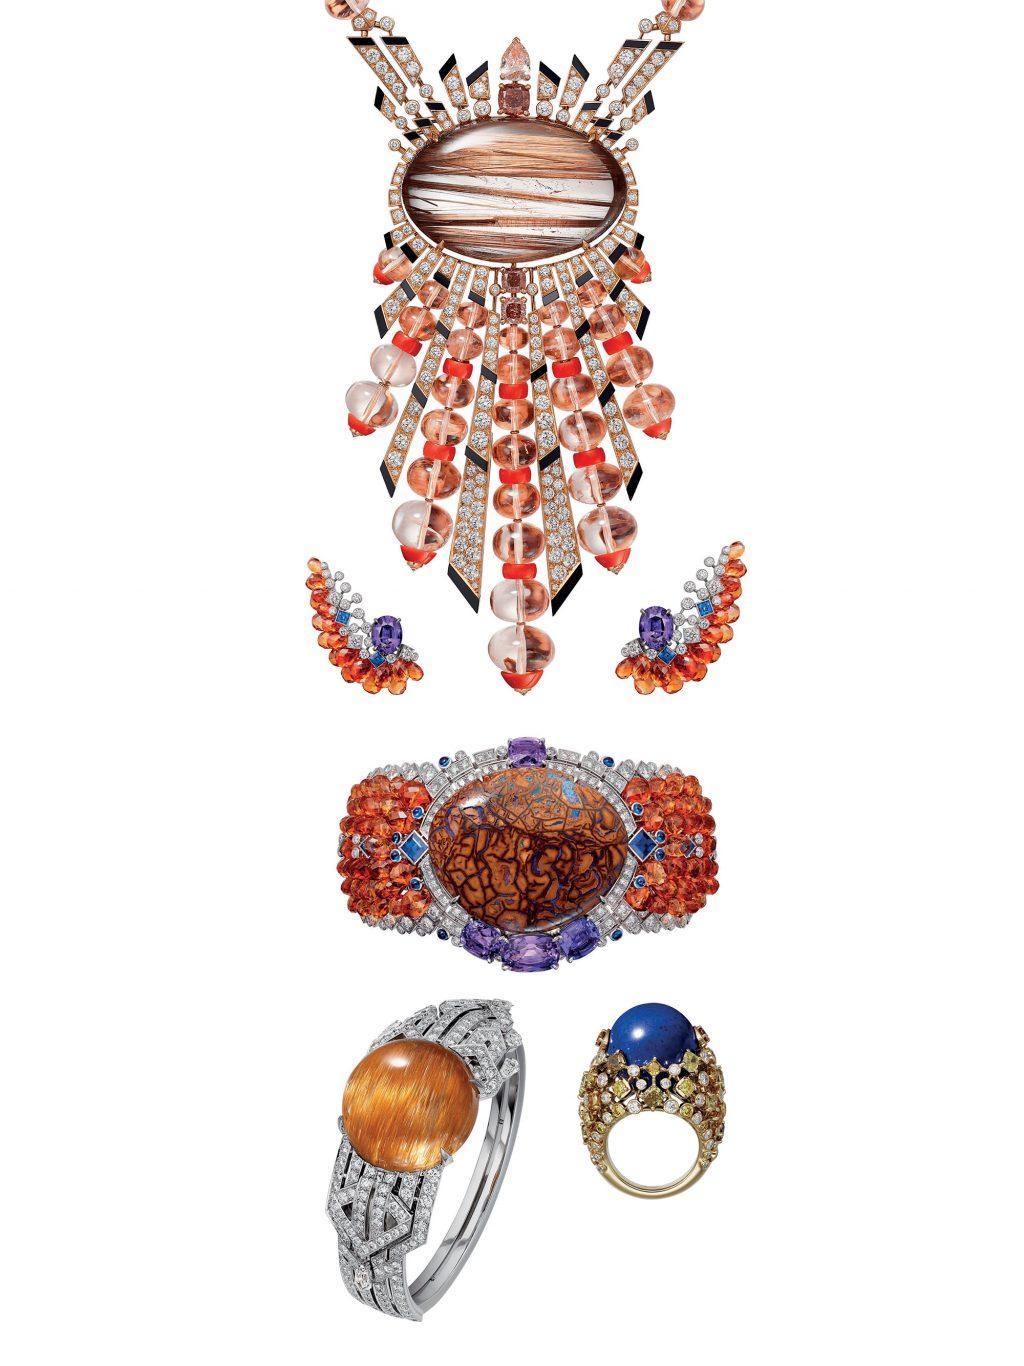 bộ sưu tập trang sức cao cấp Cartier